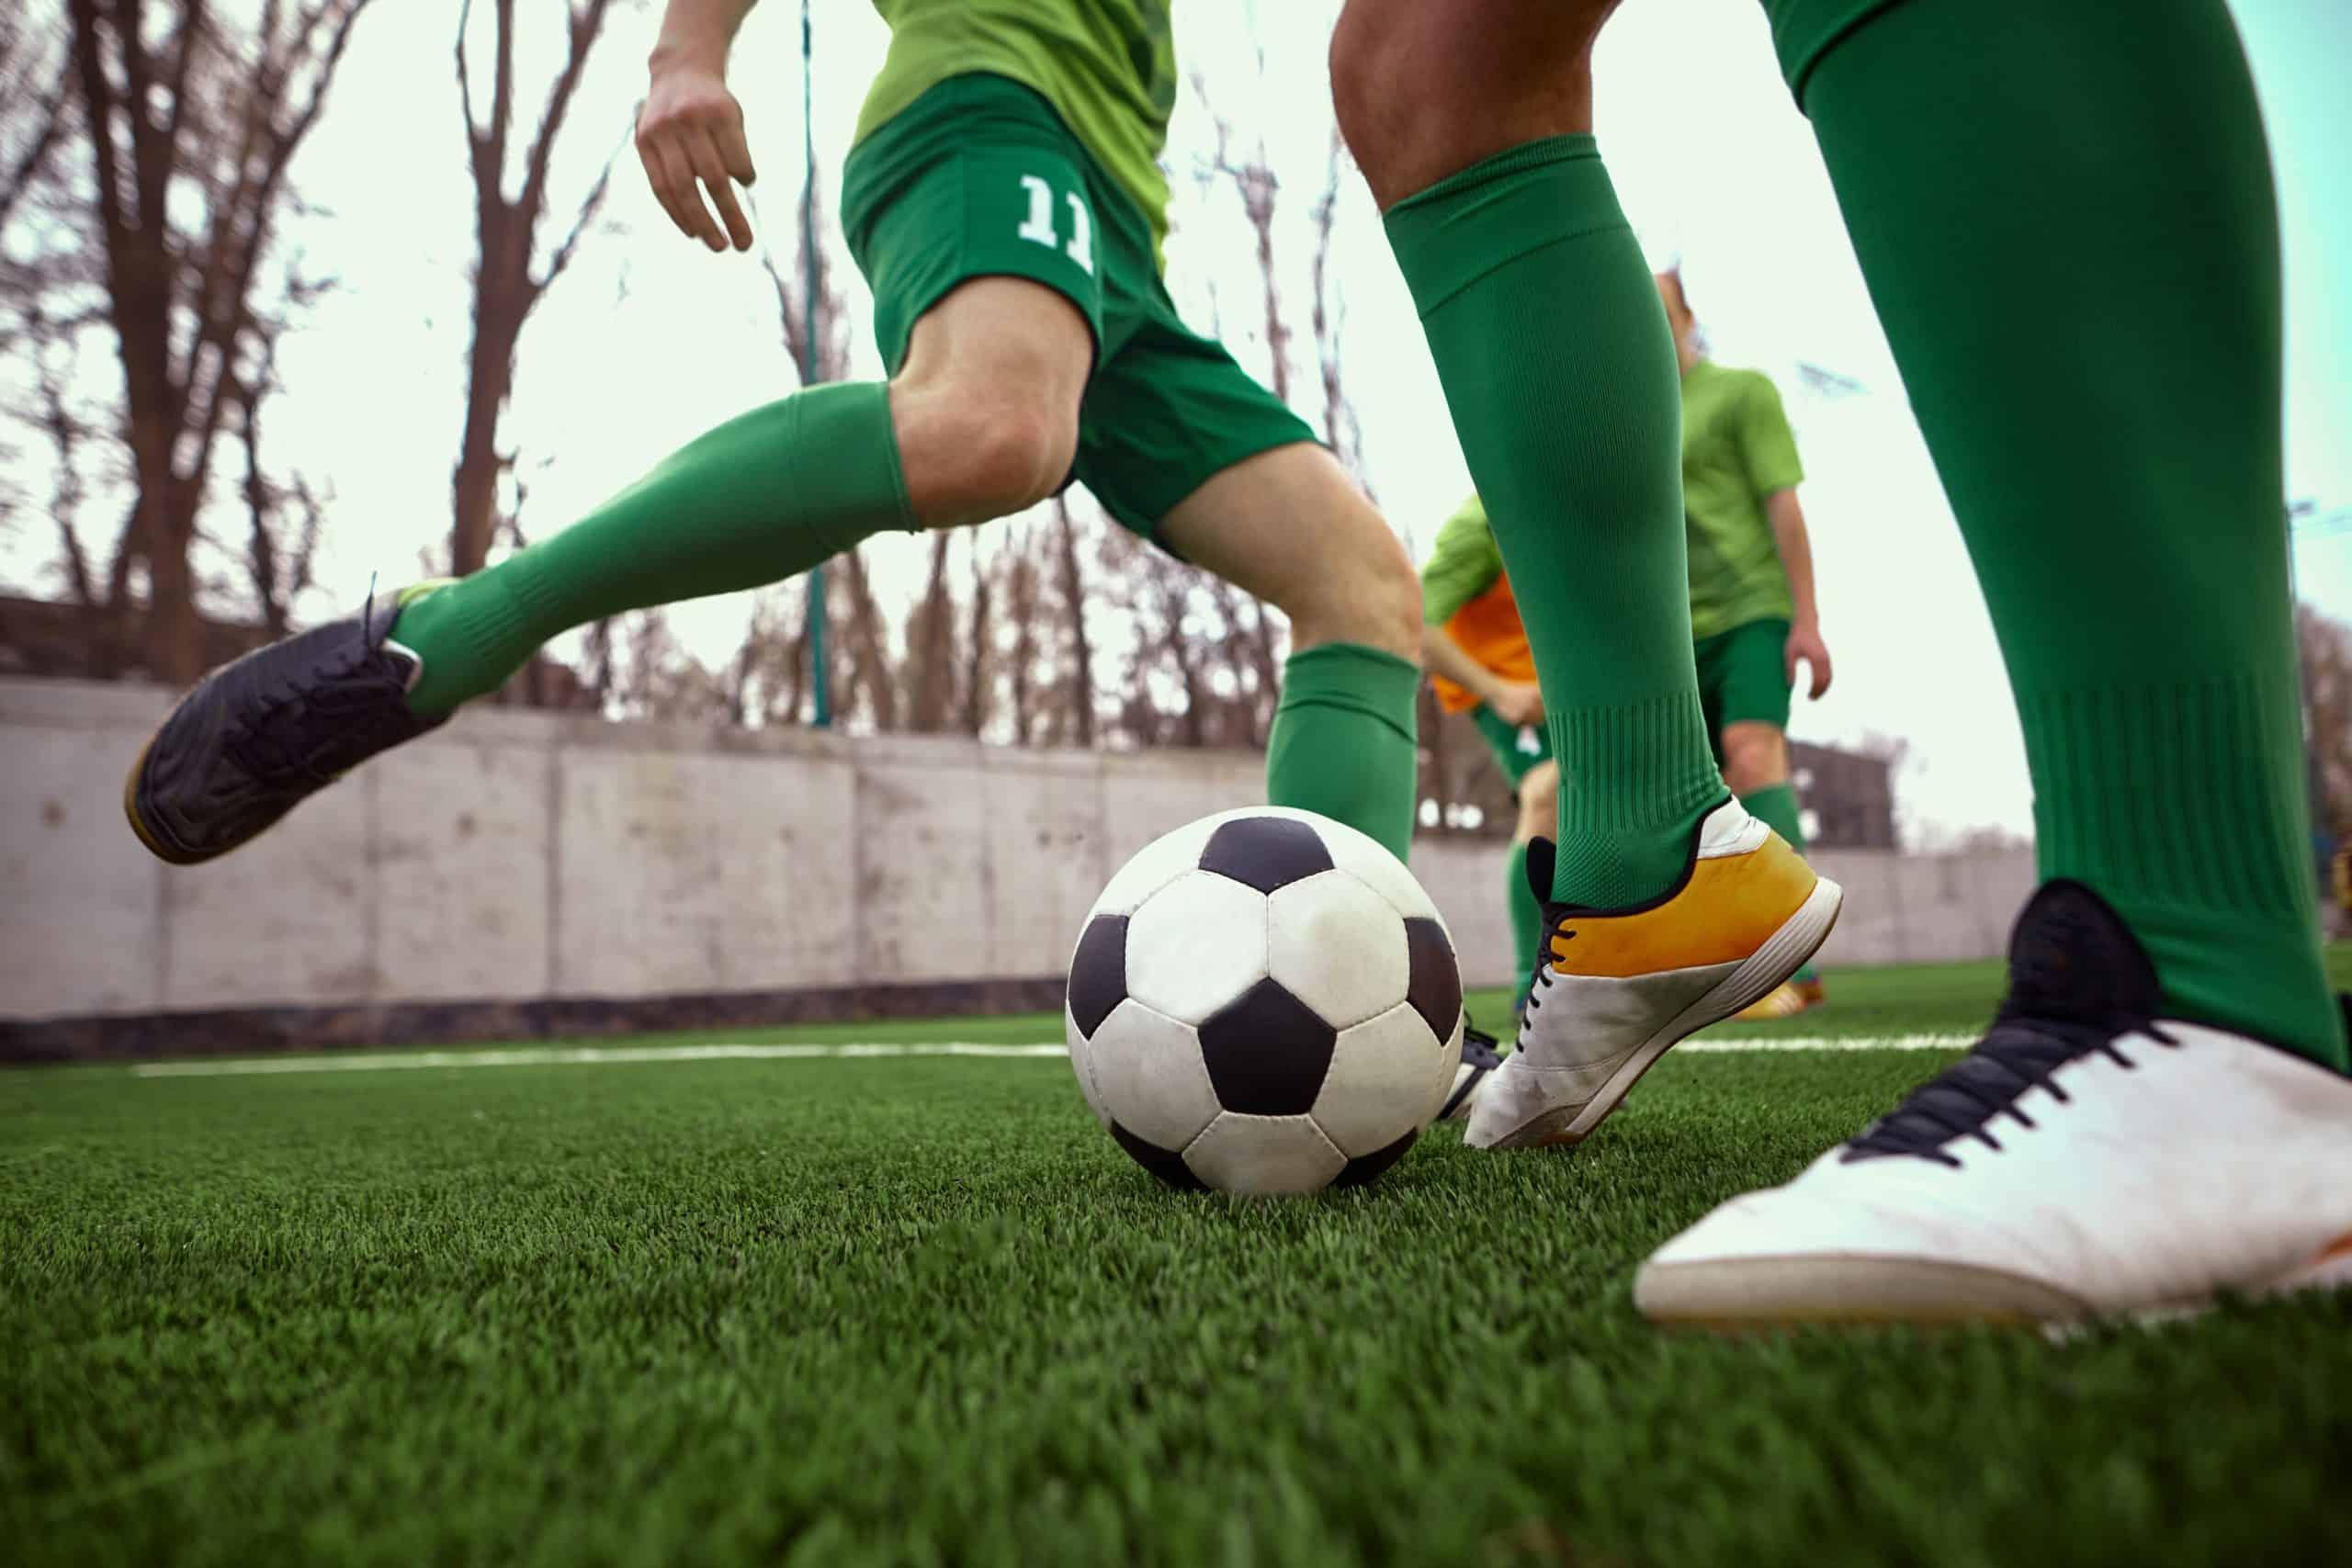 Ruszyły zapisy do Brzezińskiej Ligi Piłki Nożnej. Pierwsze spotkania już w marcu